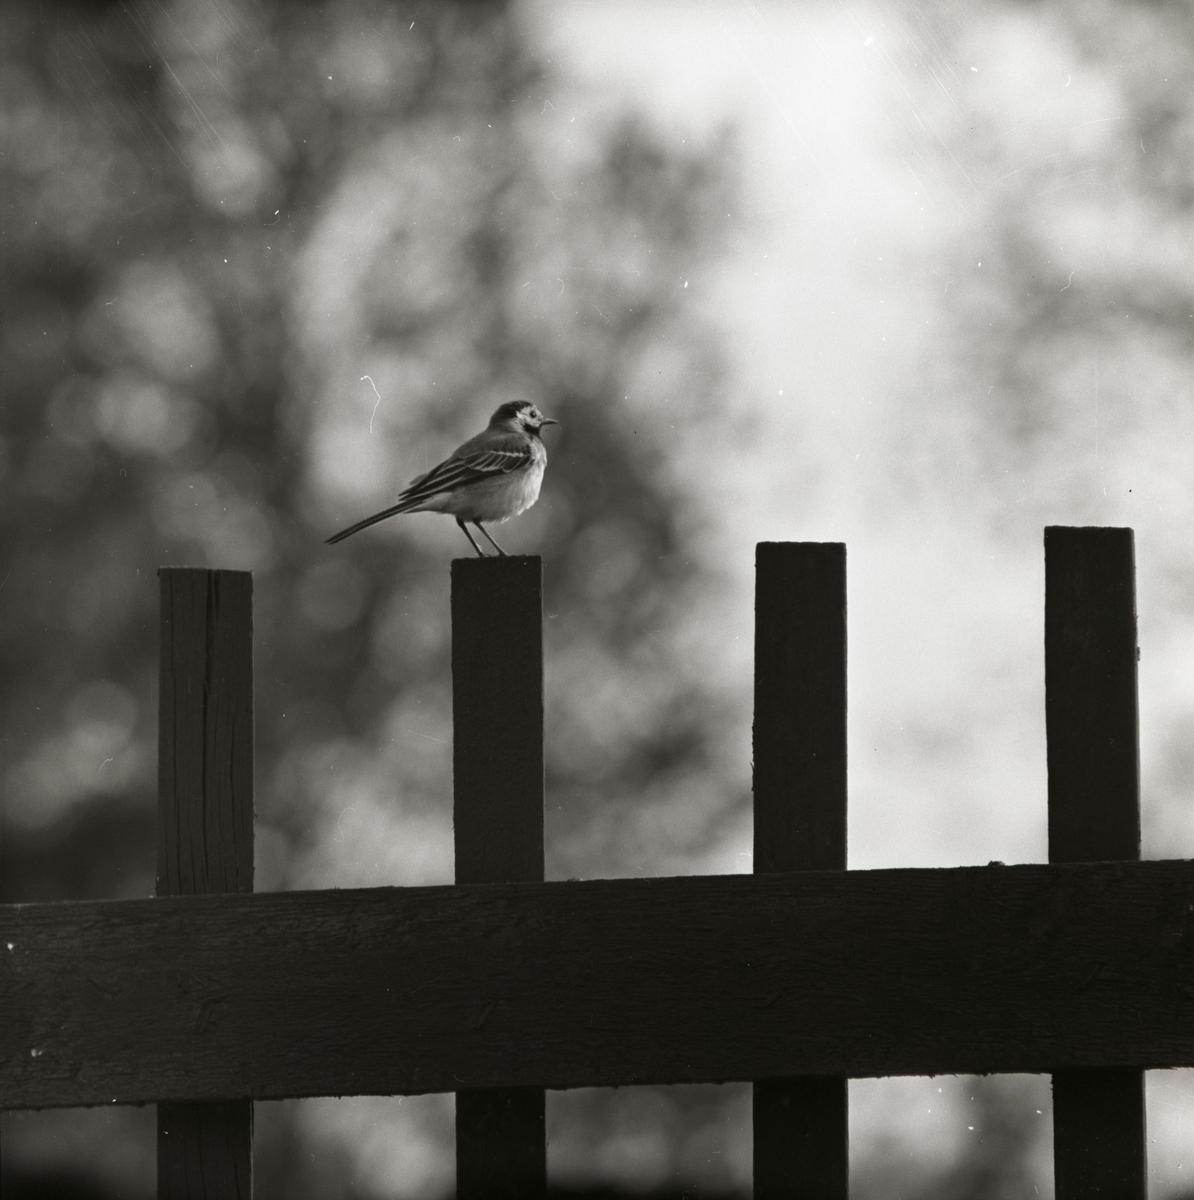 En sädesärla sitter på en staketspjäla den 4 juni 1959.